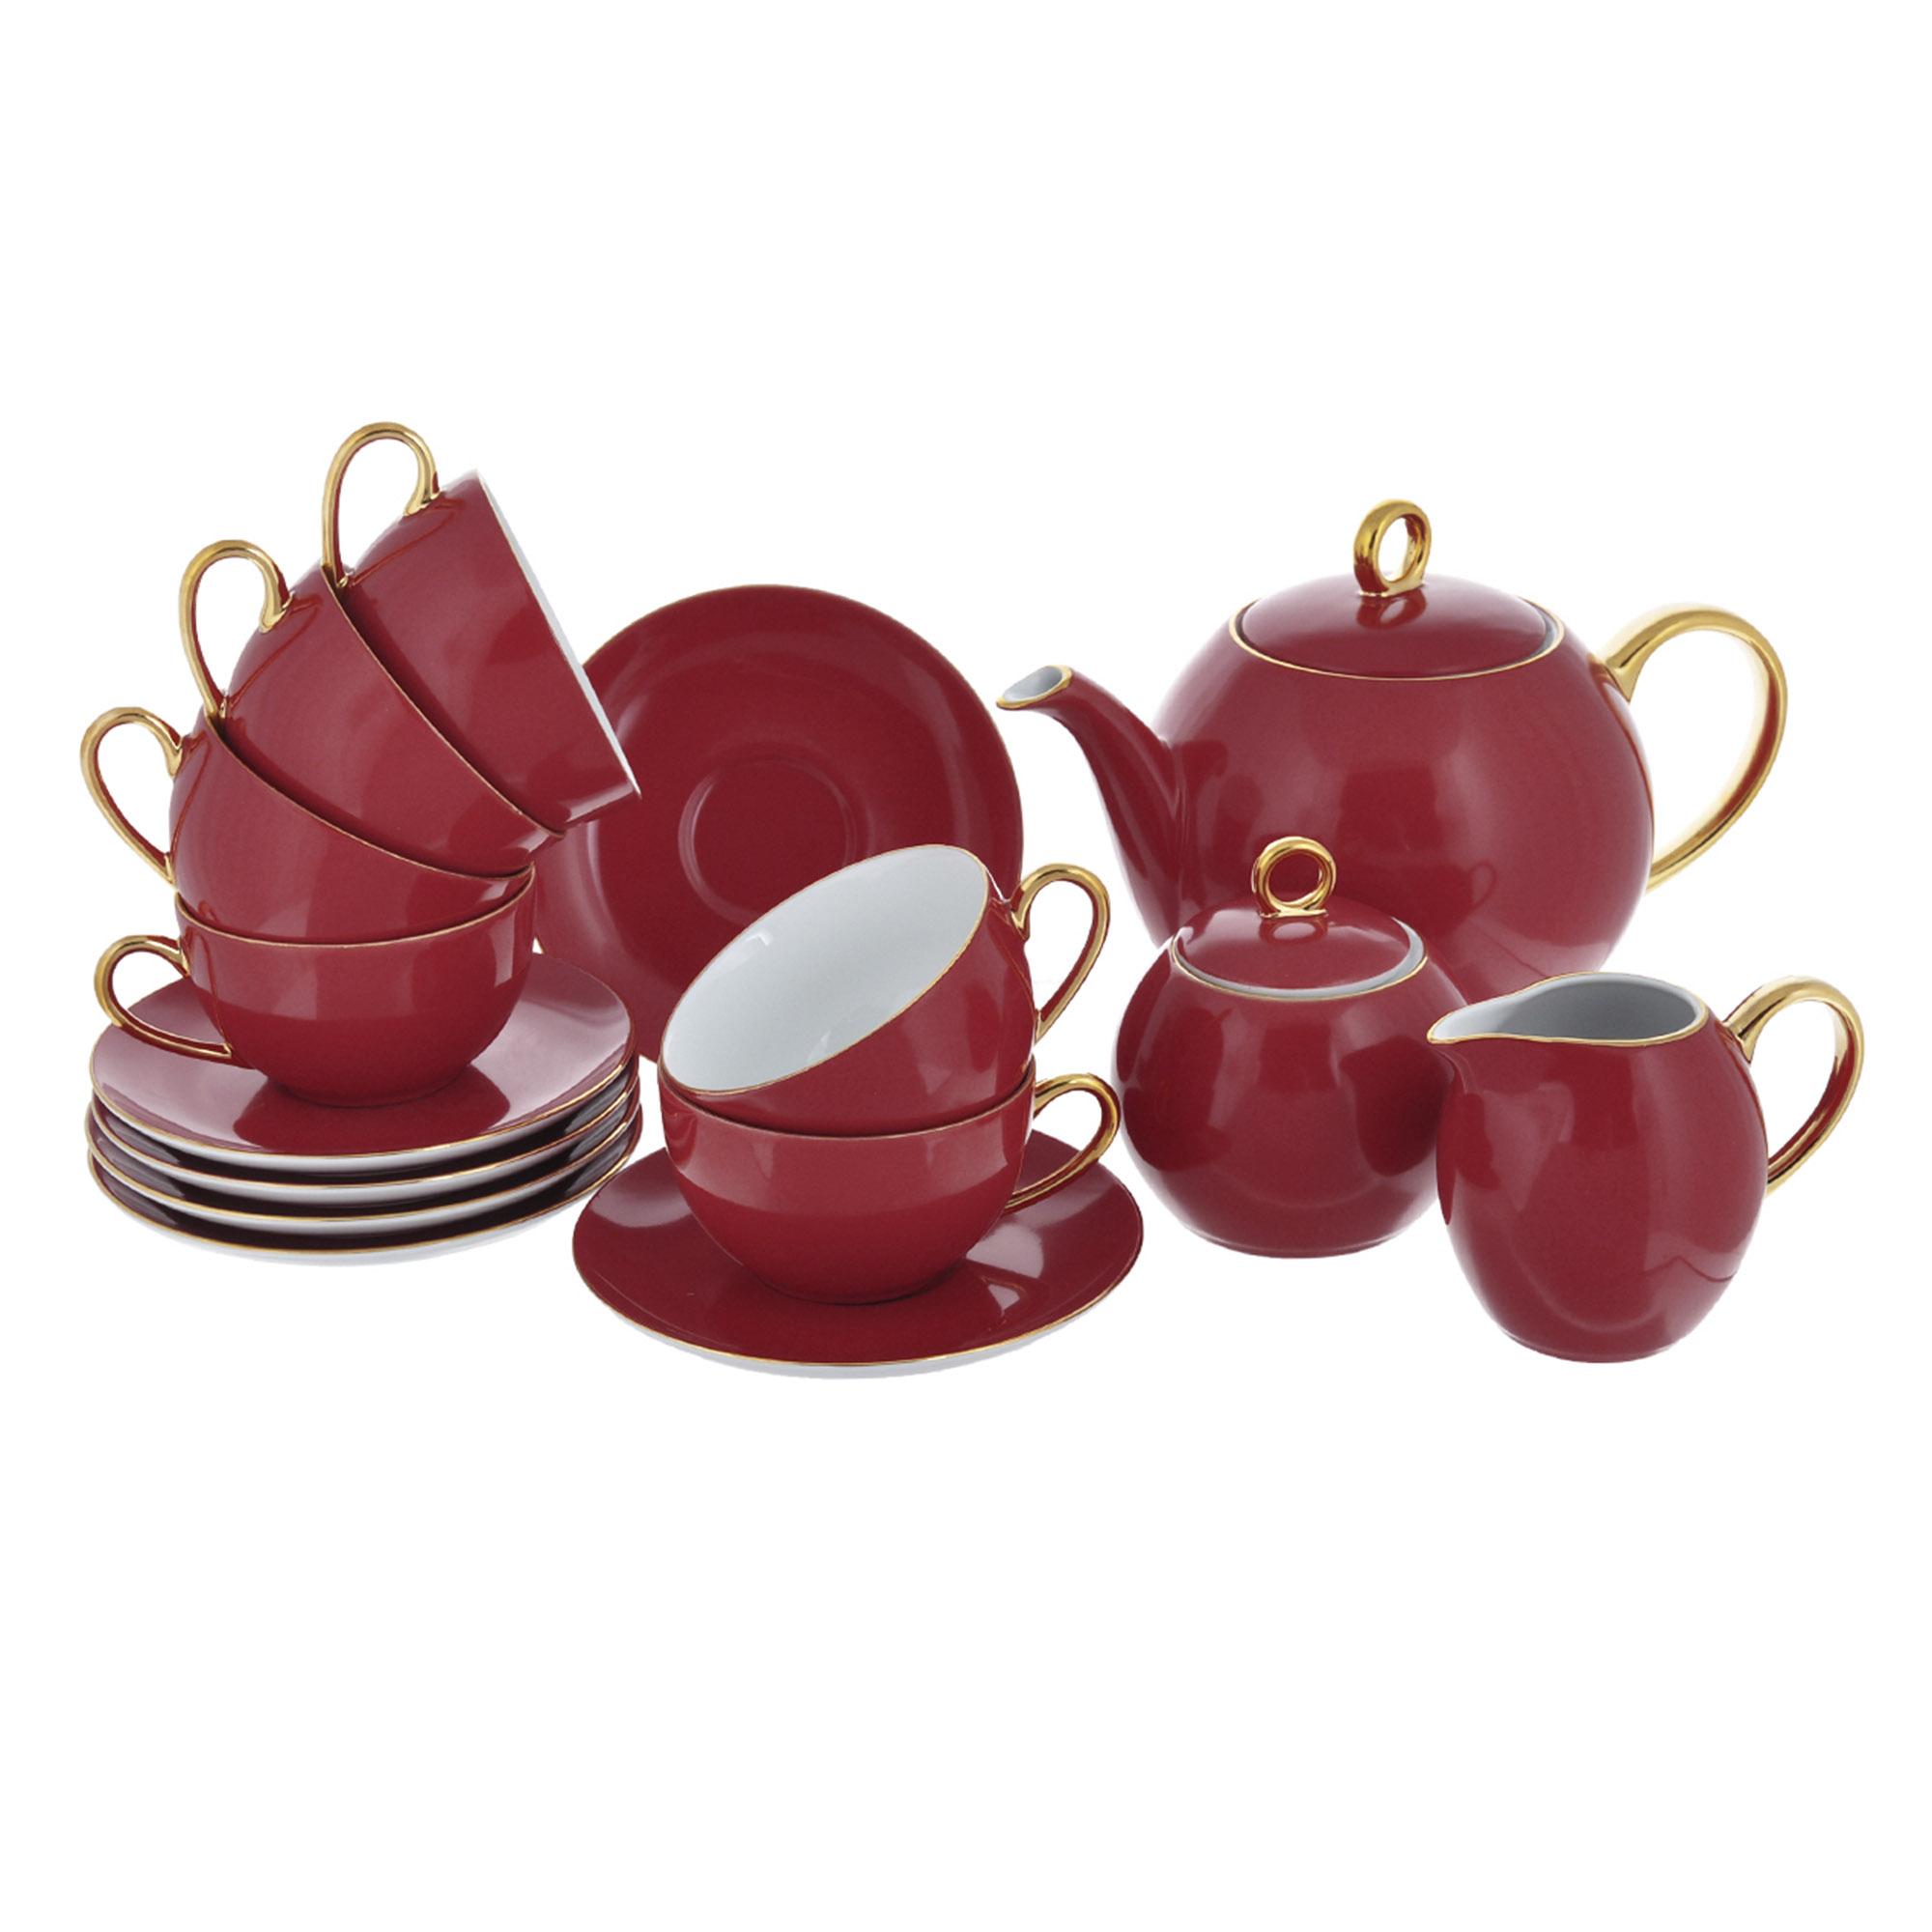 Сервиз чайный Yves De La Rosiere Monalisa 15 предметов 3125 сервиз столовый la rose des sables 6 персон 25 предметов princier platine